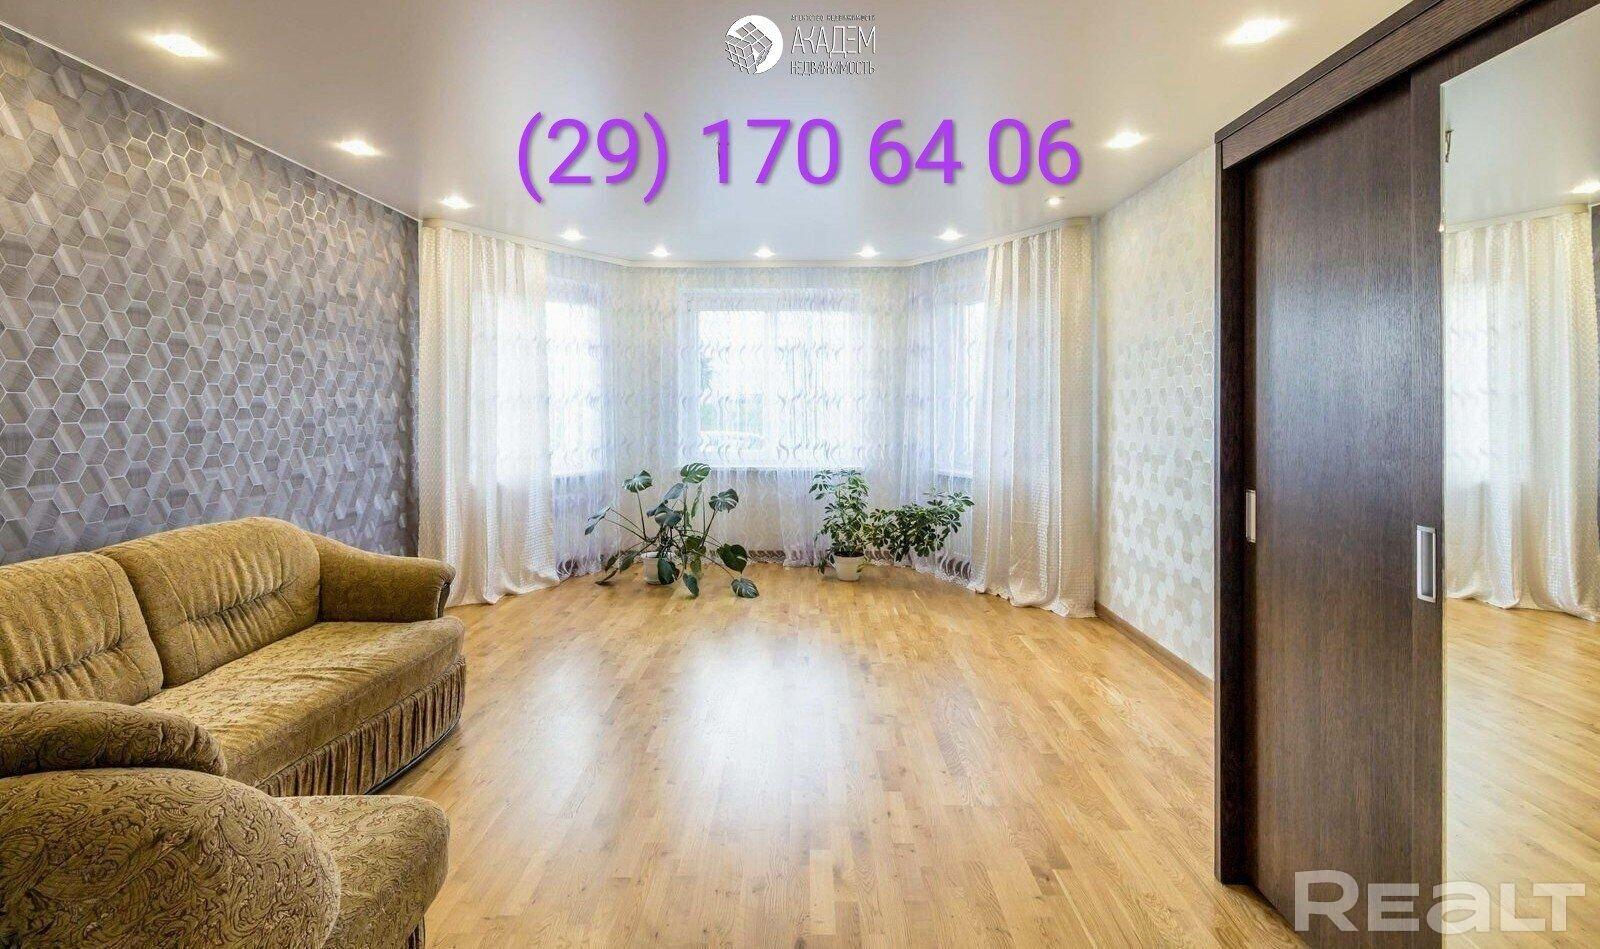 Продажа 3-х комнатной квартиры в г. Минске, ул. Тышкевичей, дом 9 (р-н Михалово). Цена 266 178 руб